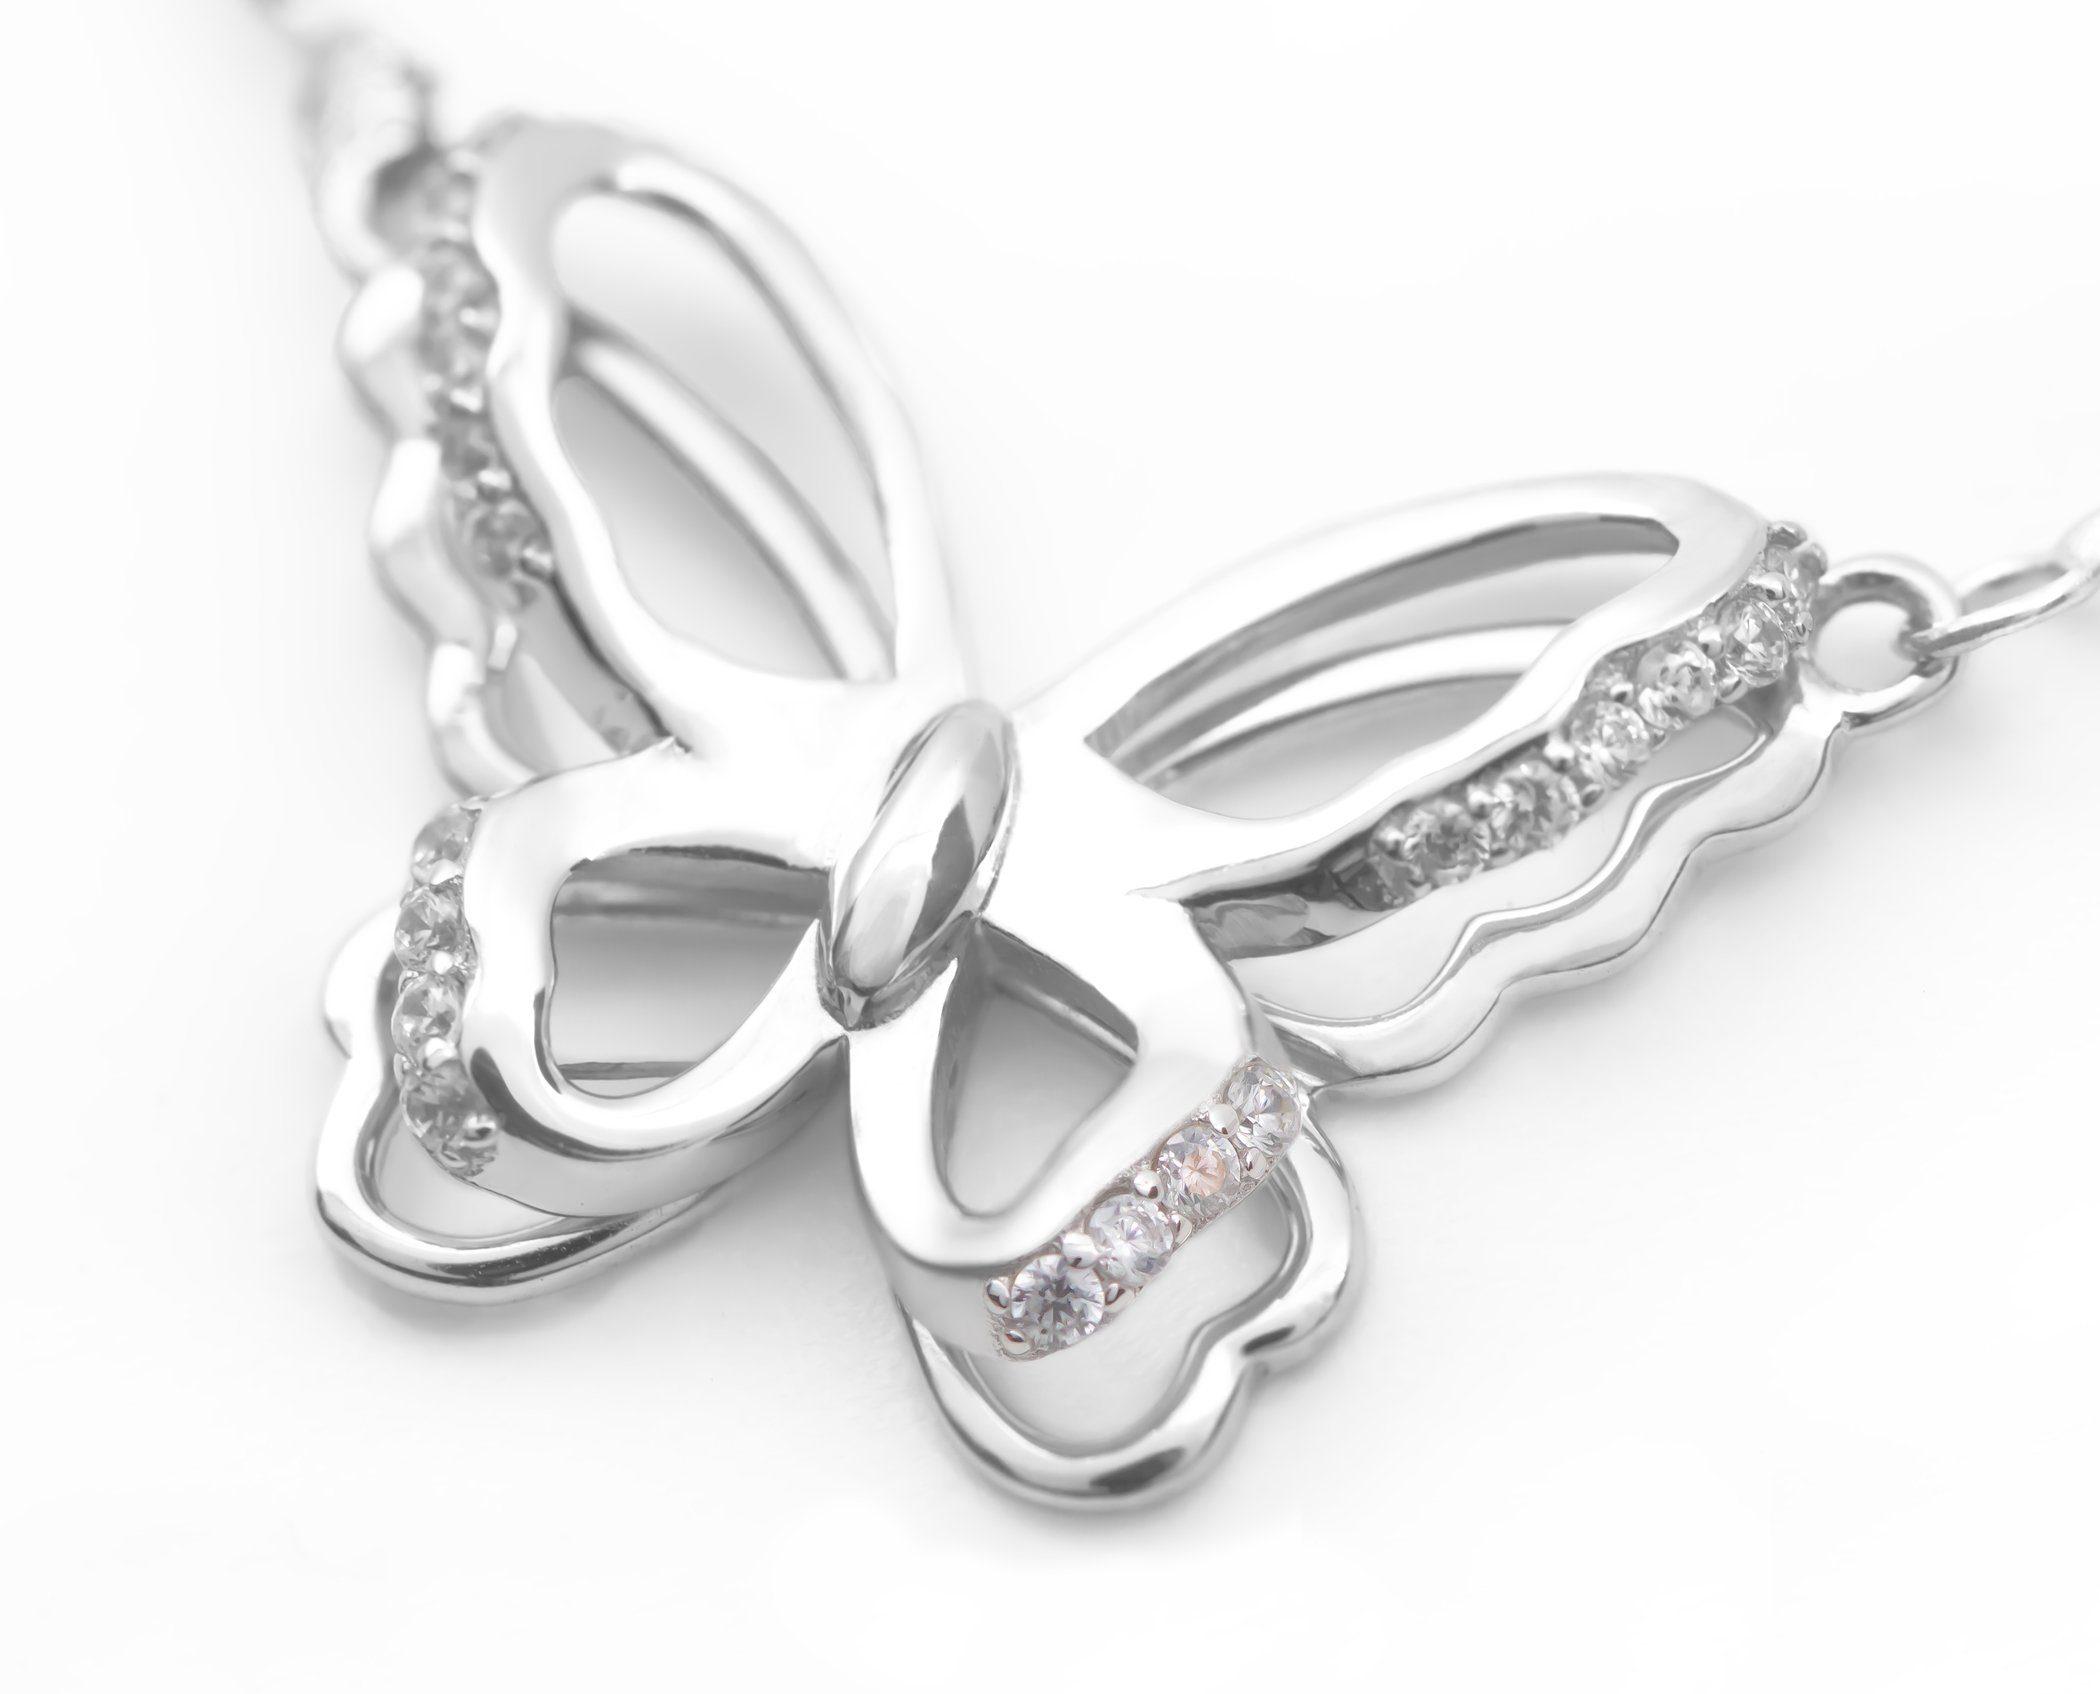 Schmuck-Elfe Collier »Schmetterling 3D« 925 Silber